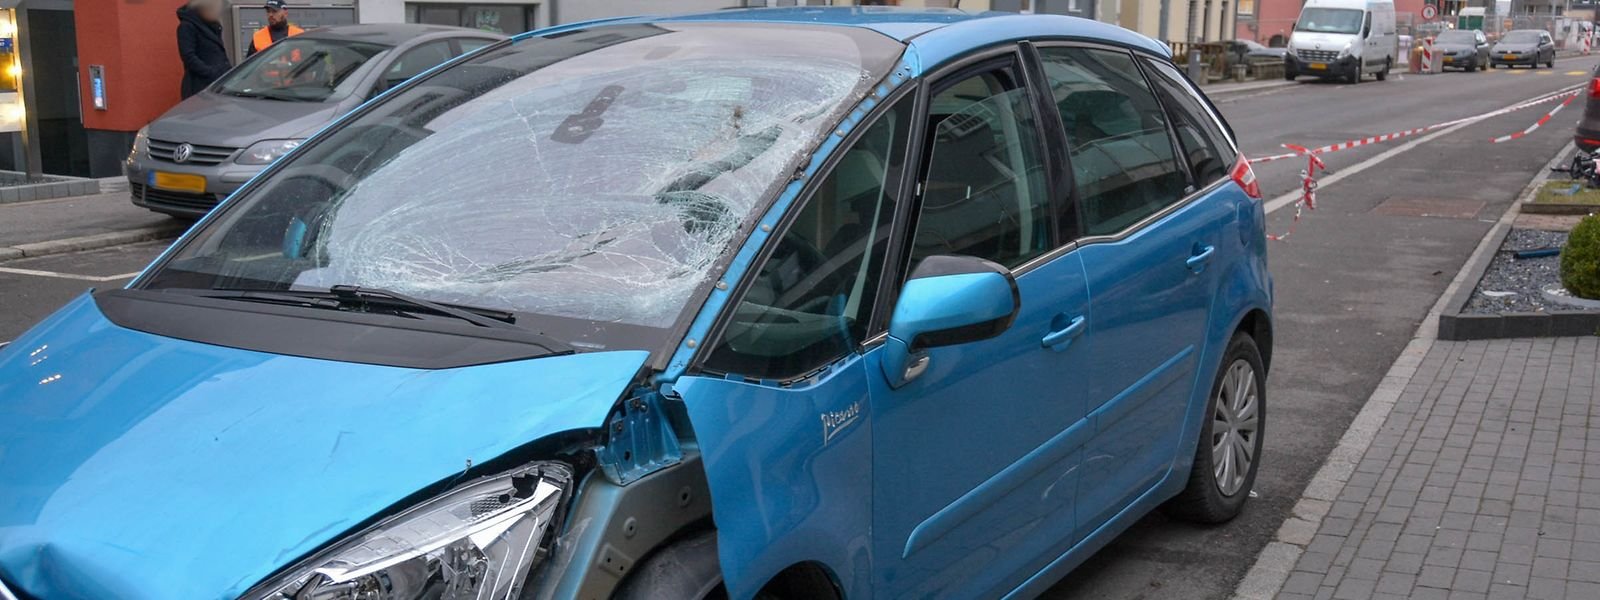 Ce n'est pas un acte terroriste mais bien une déception relationnelle qui est à l'origine du geste du conducteur qui a fauché 5 personnes sur un trottoir de Wiltz, mercredi 2 janvier 2019.